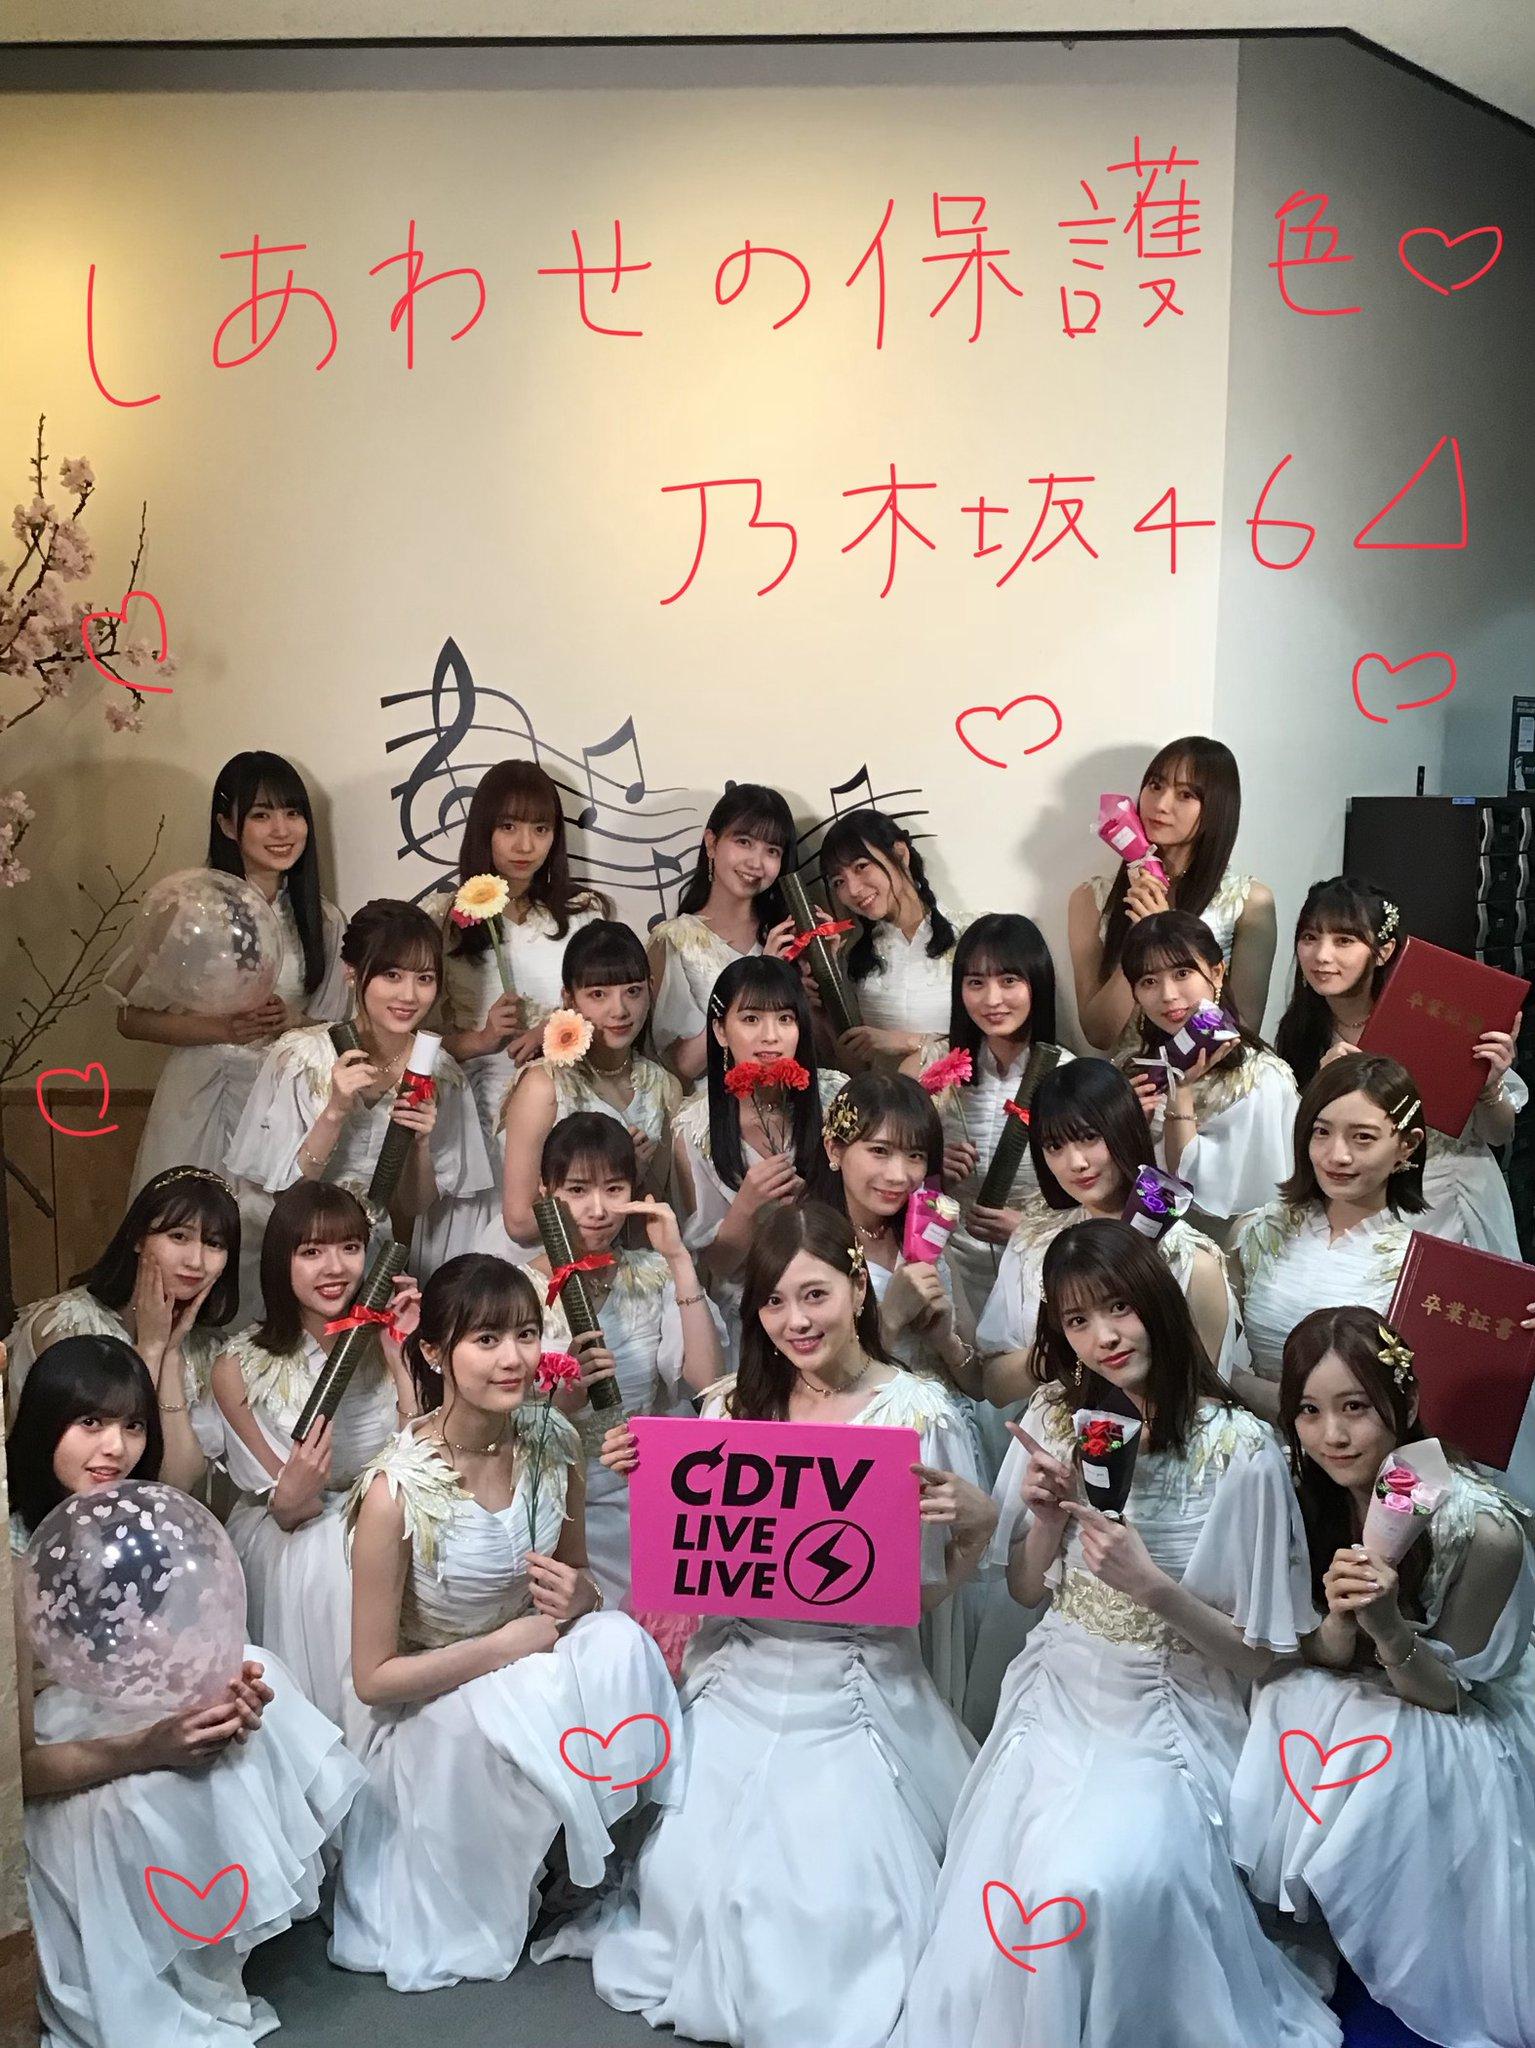 新番組CDTVライブ!ライブ!前夜祭しあわせの保護色